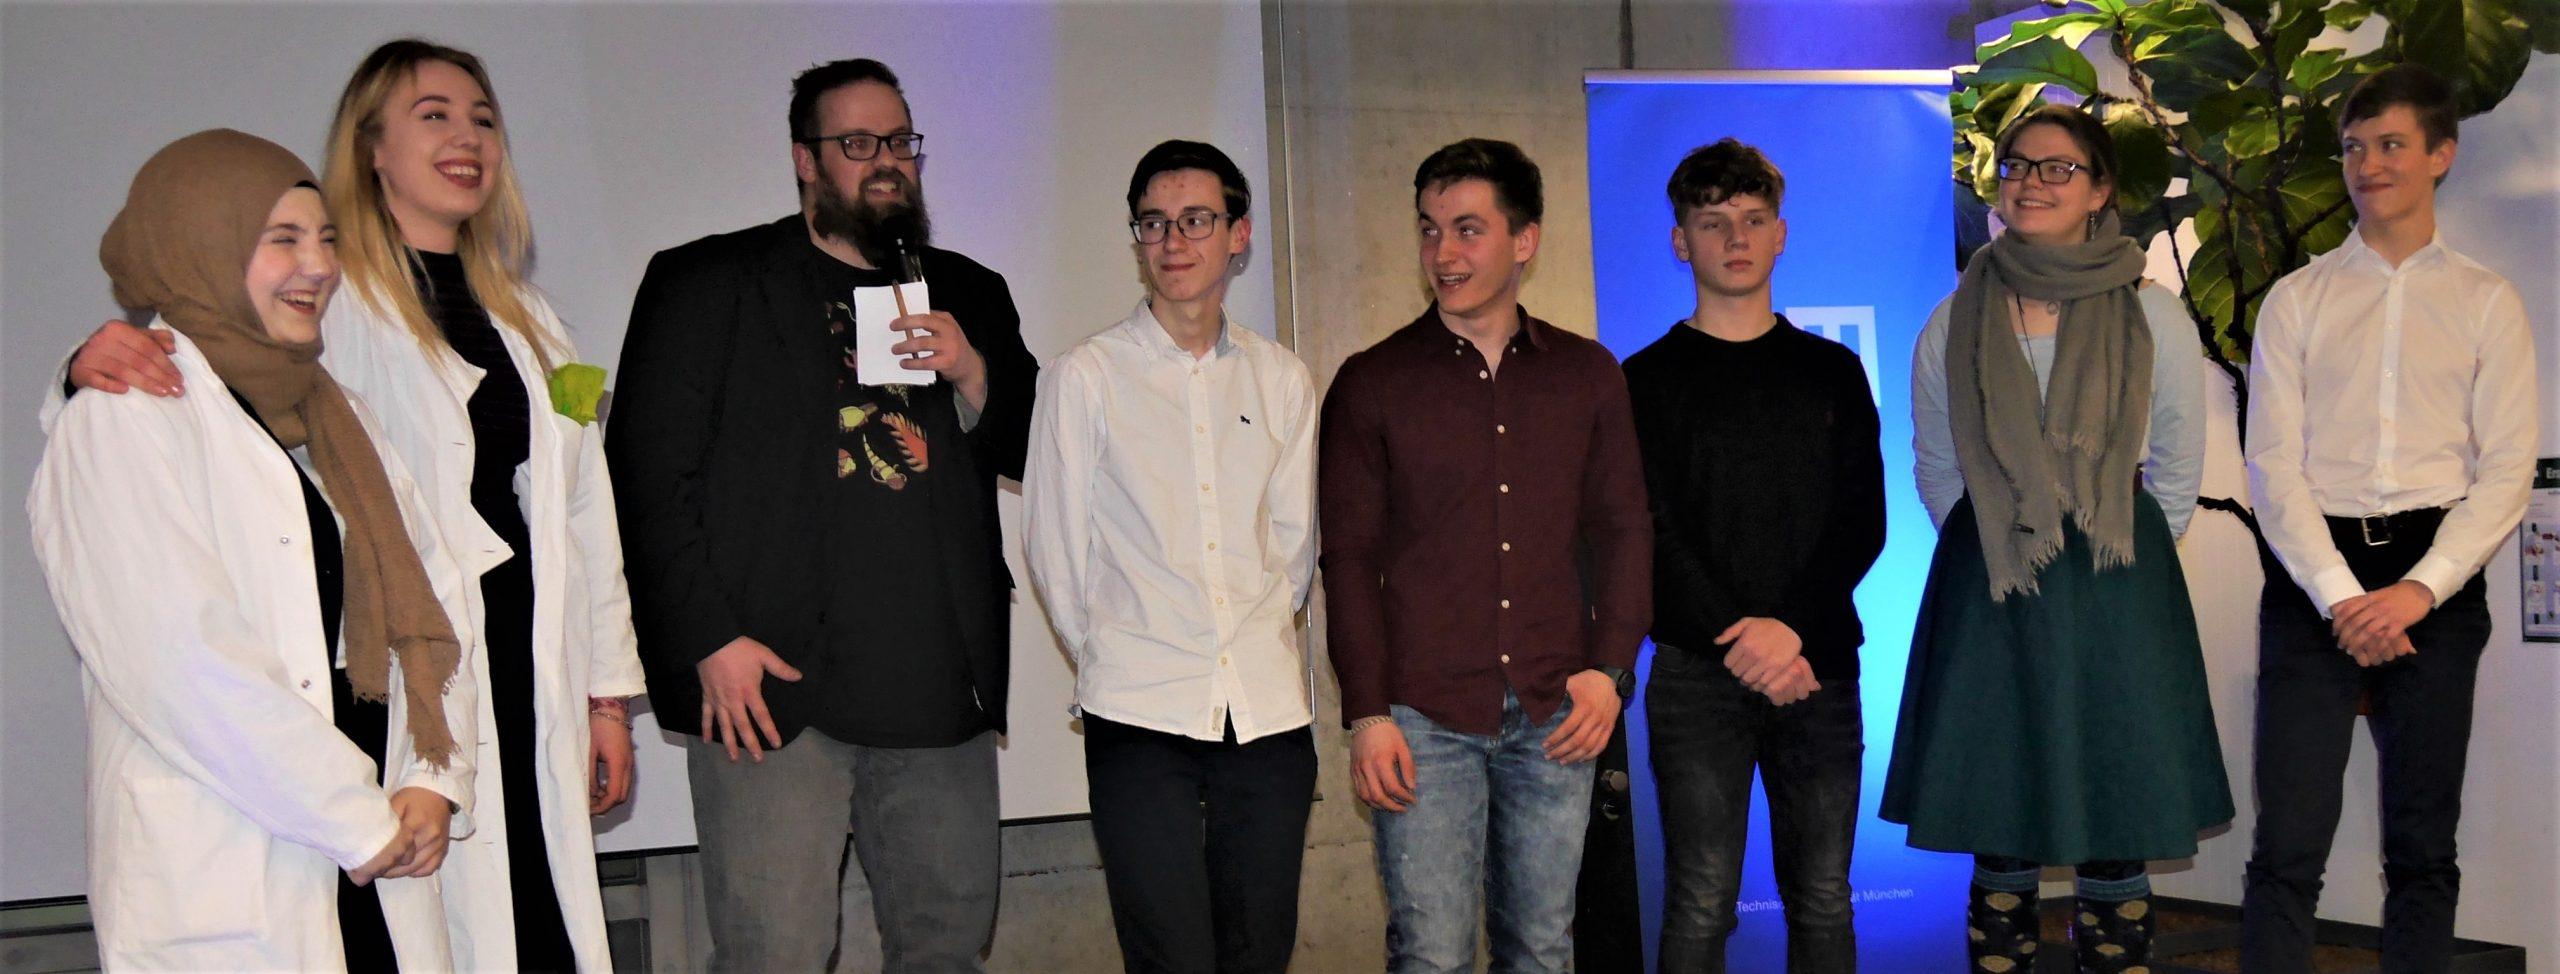 Die Teilnehmer des Science-Slams am TUM Campus Straubing mit Moderator Phillip Schrögel (3.v.l.). (Foto: TUMCS)